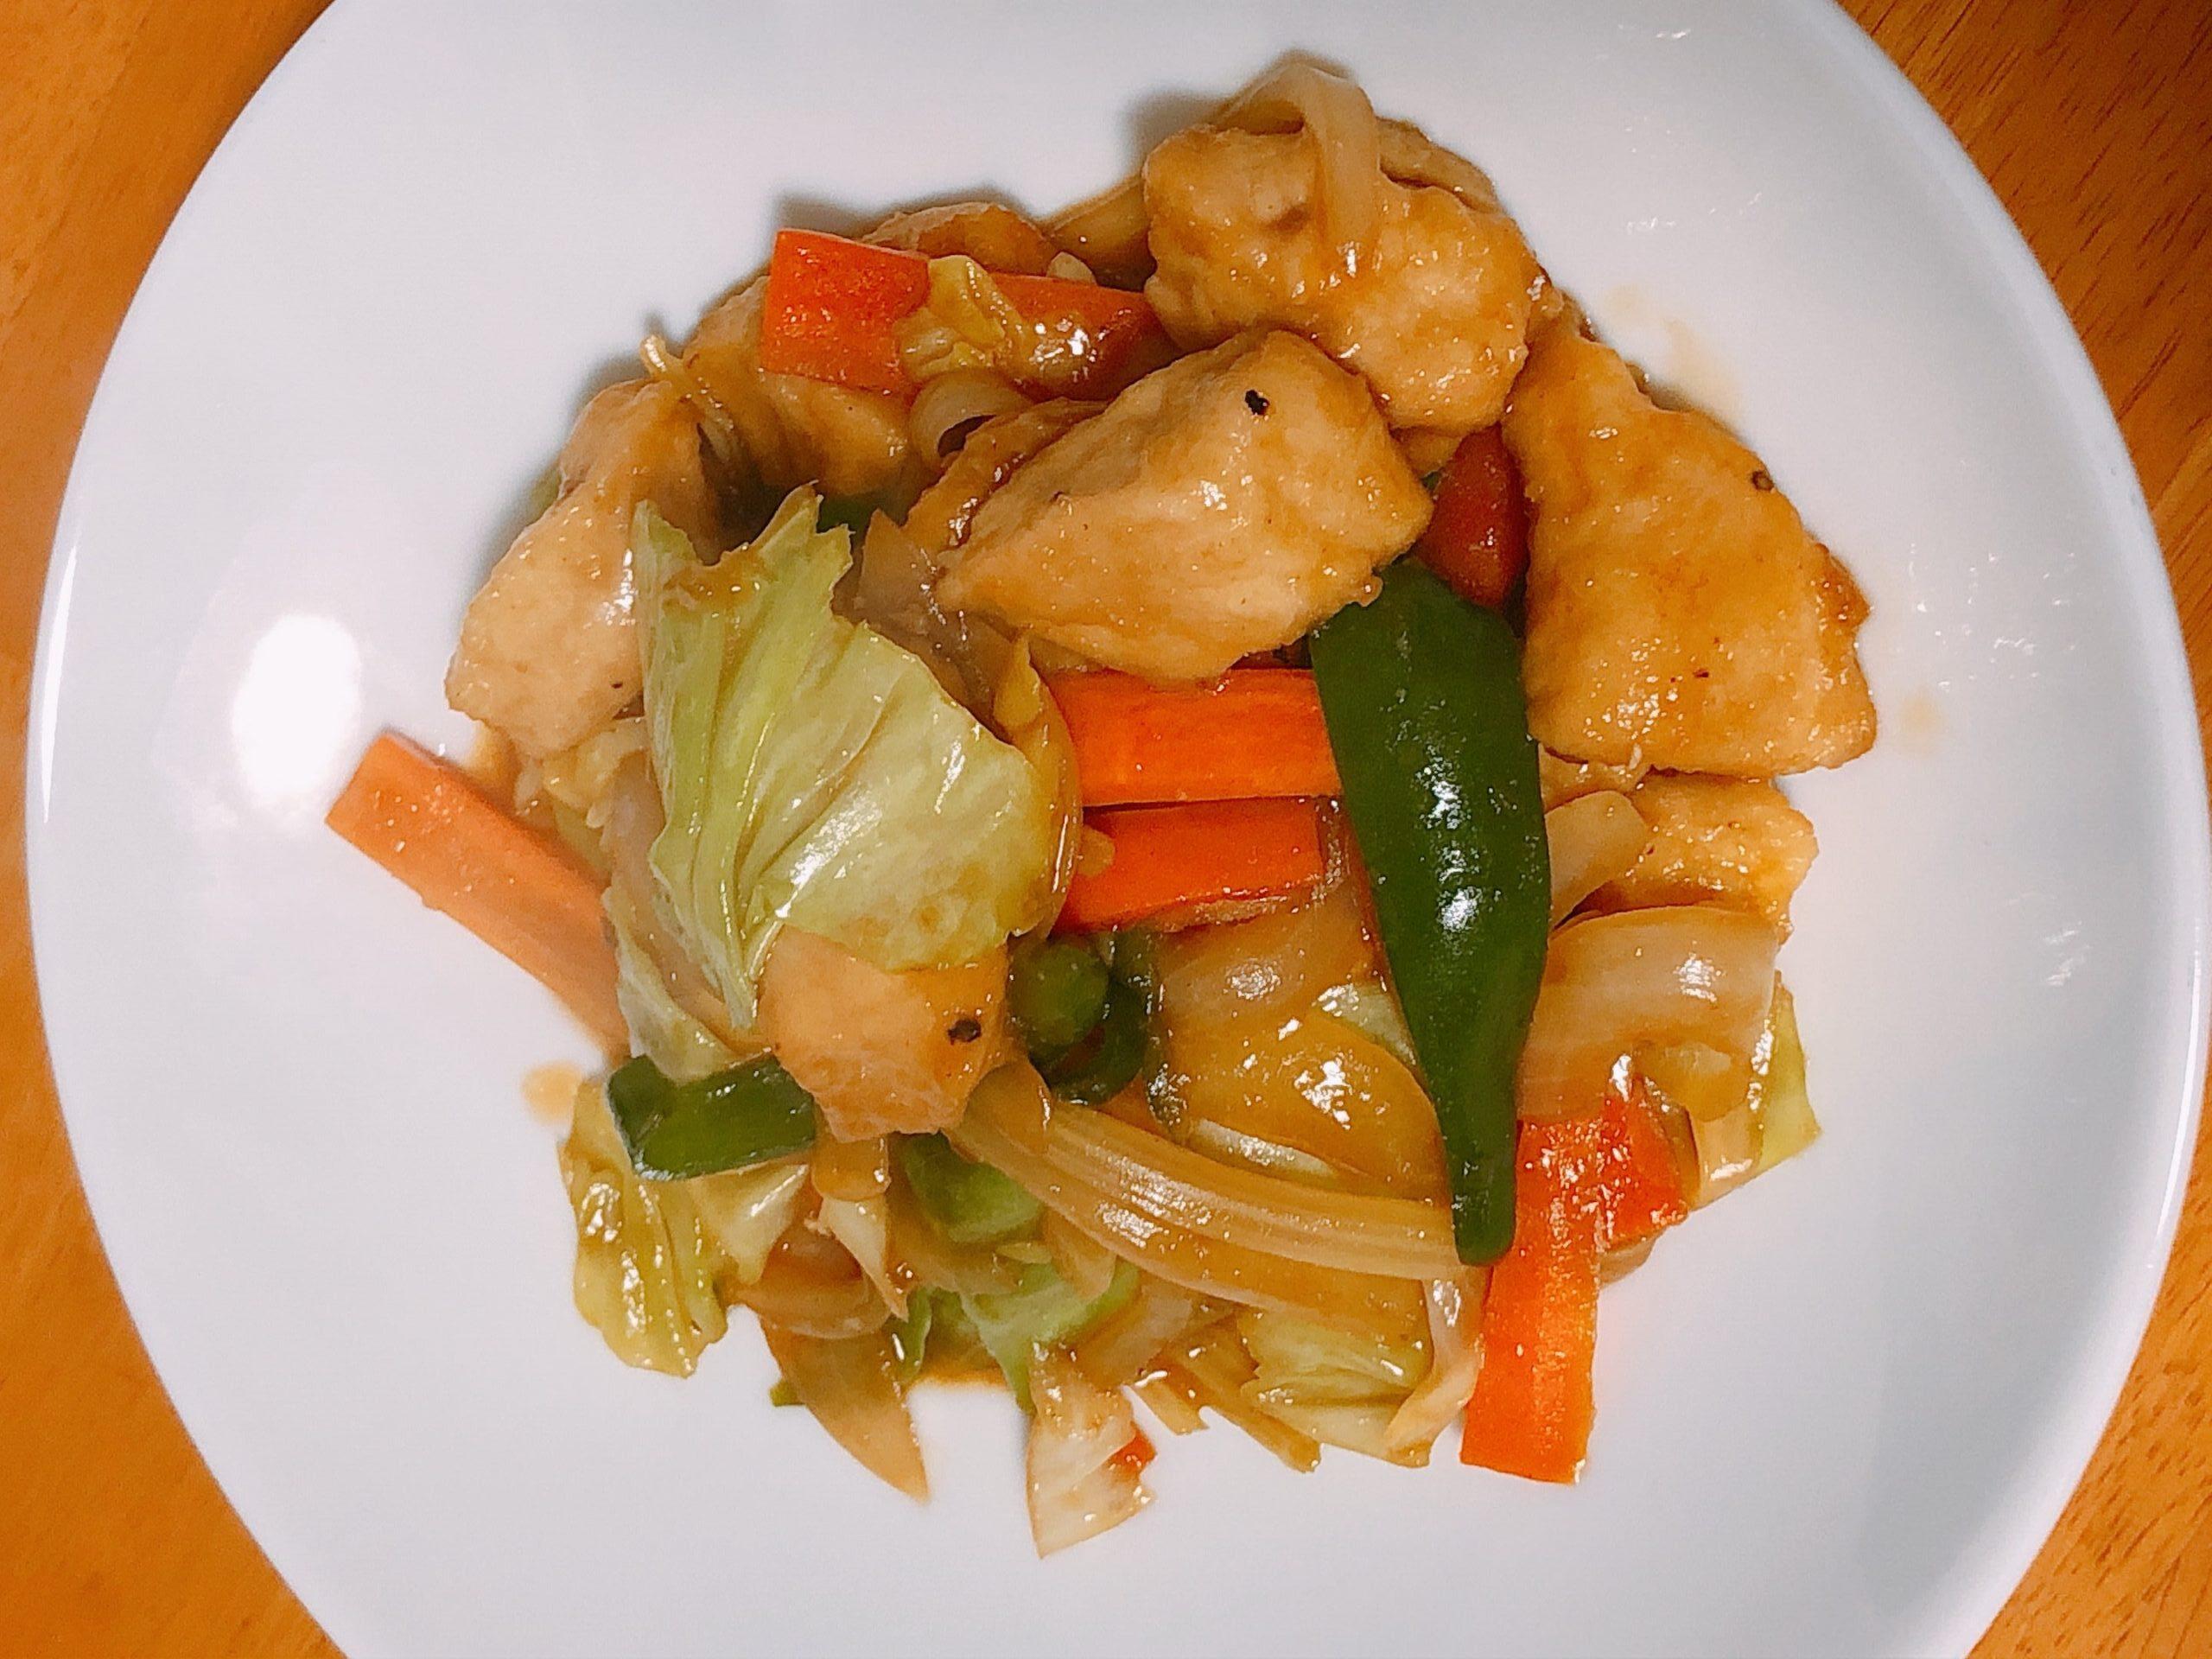 鶏むね肉のピリ辛味噌炒め盛り付け画像です